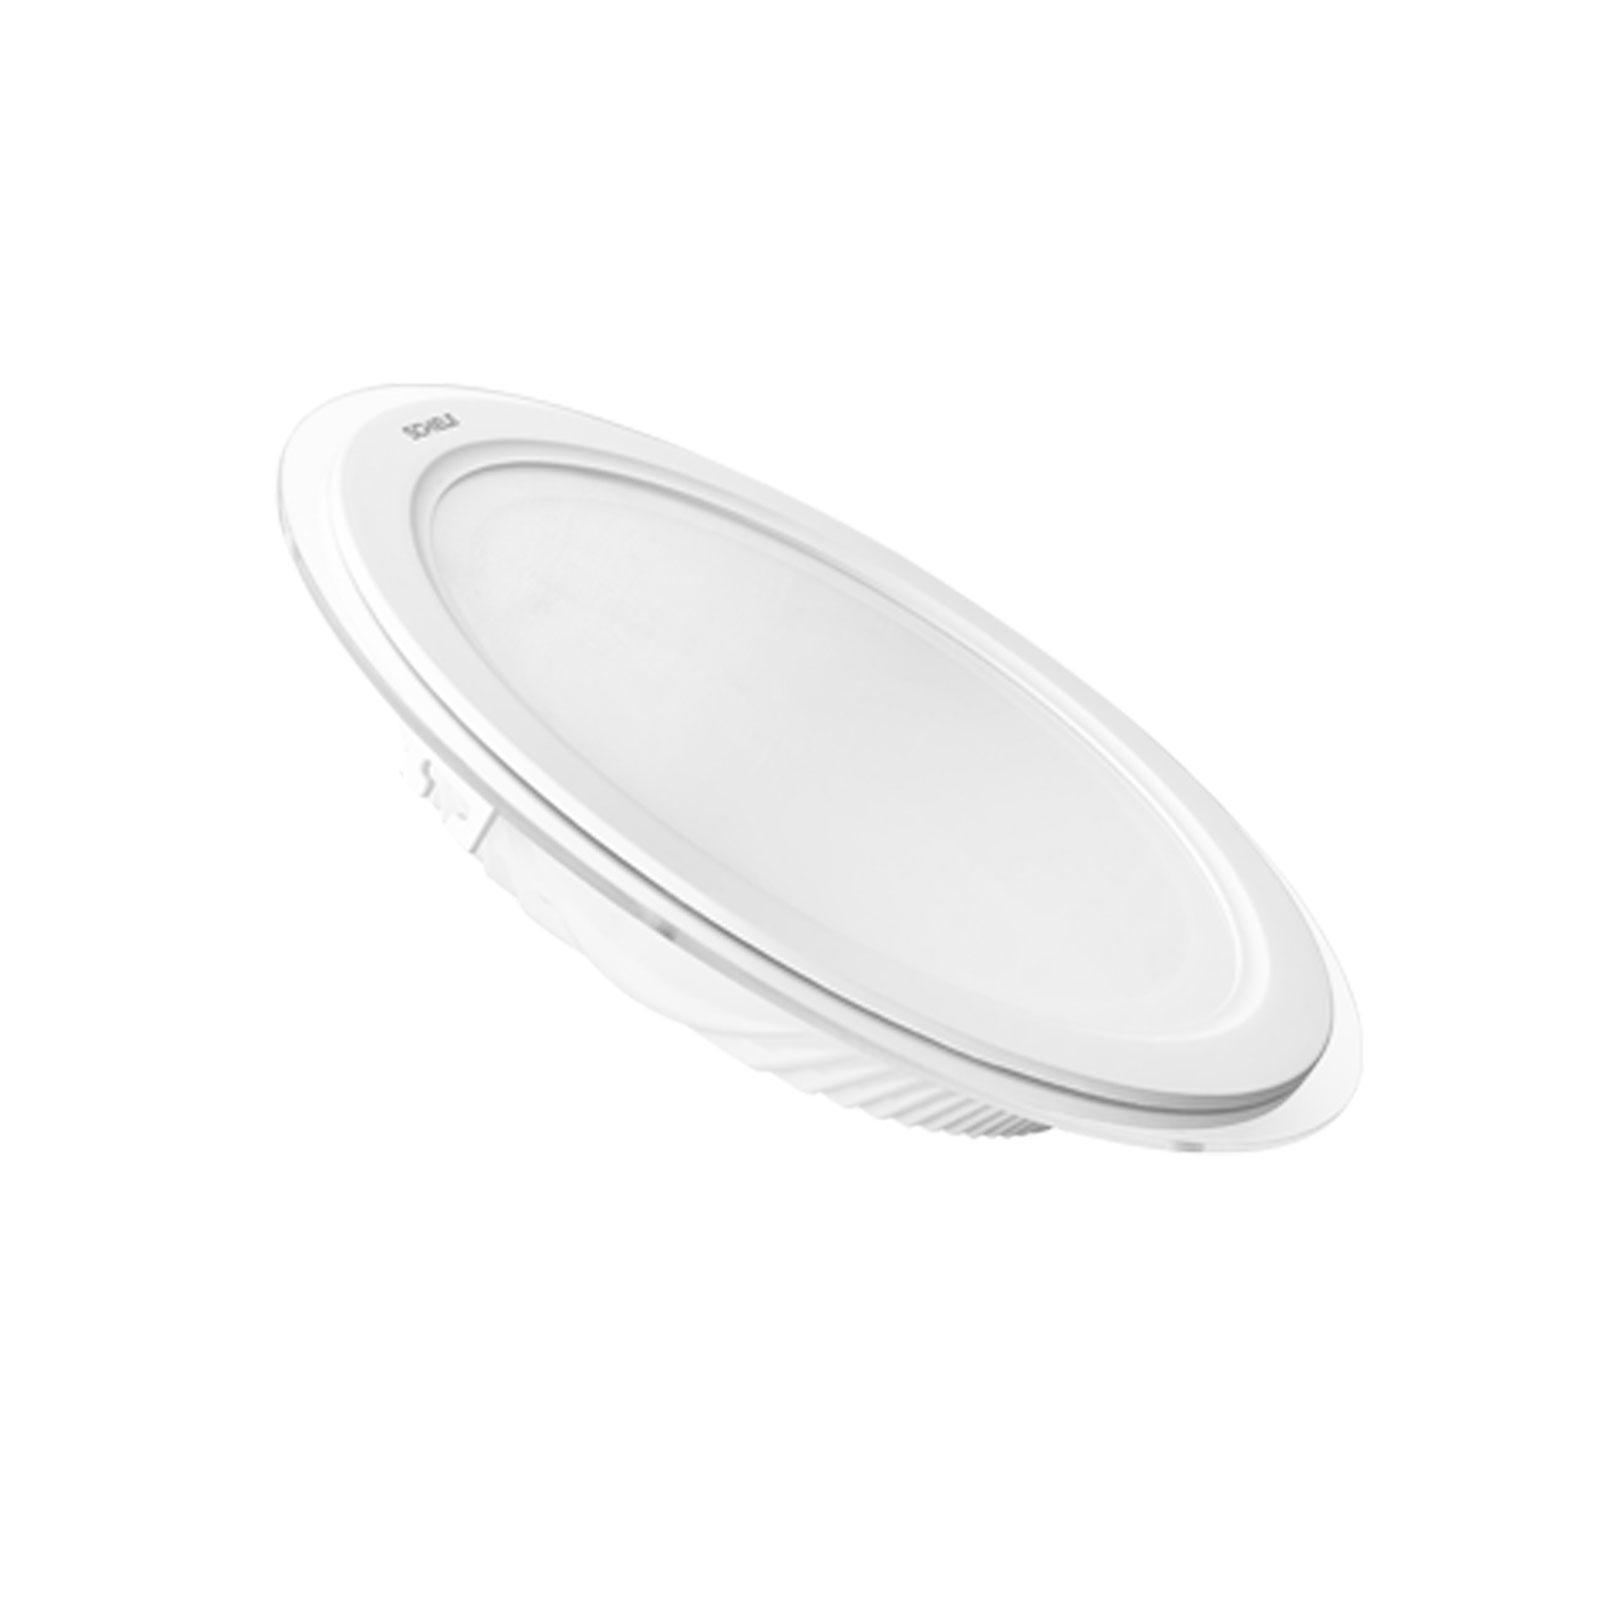 قیمت و خرید پنل دایره ای 18 وات دور شیشه شیله مدل SCGSR